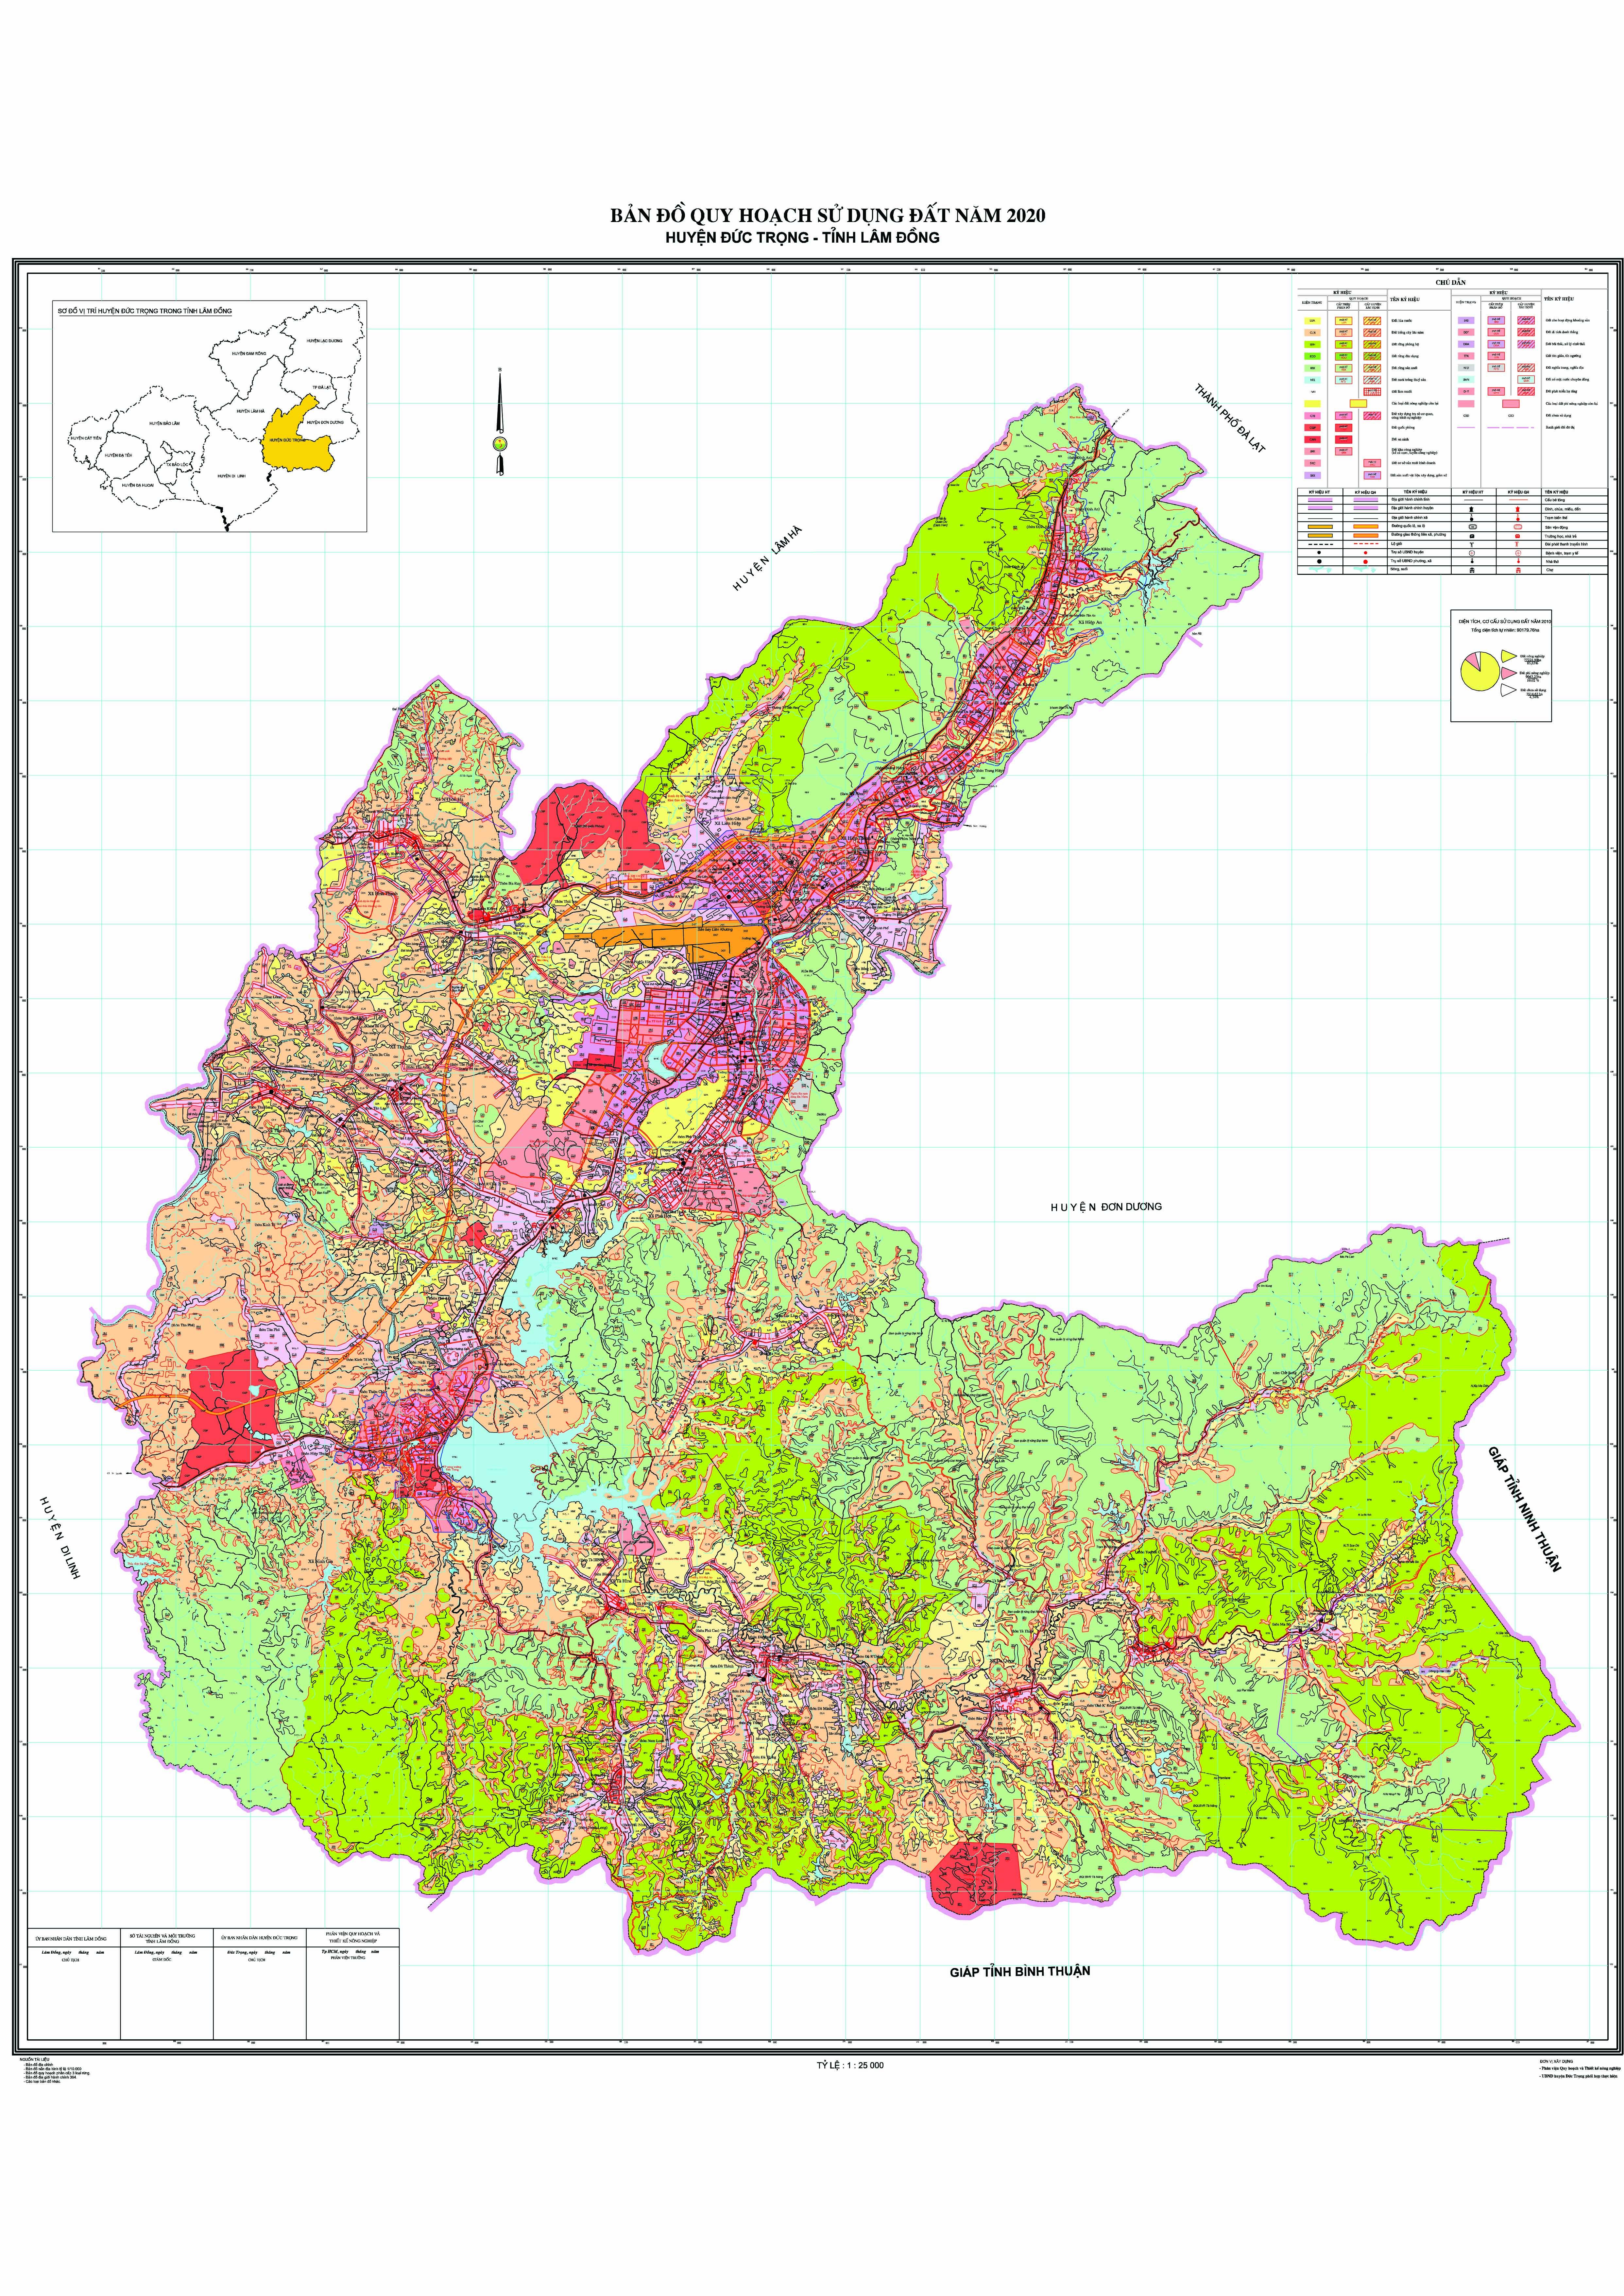 Bản đồ quy hoạch sử dụng đất huyện Đức Trọng tỉnh Lâm Đồng